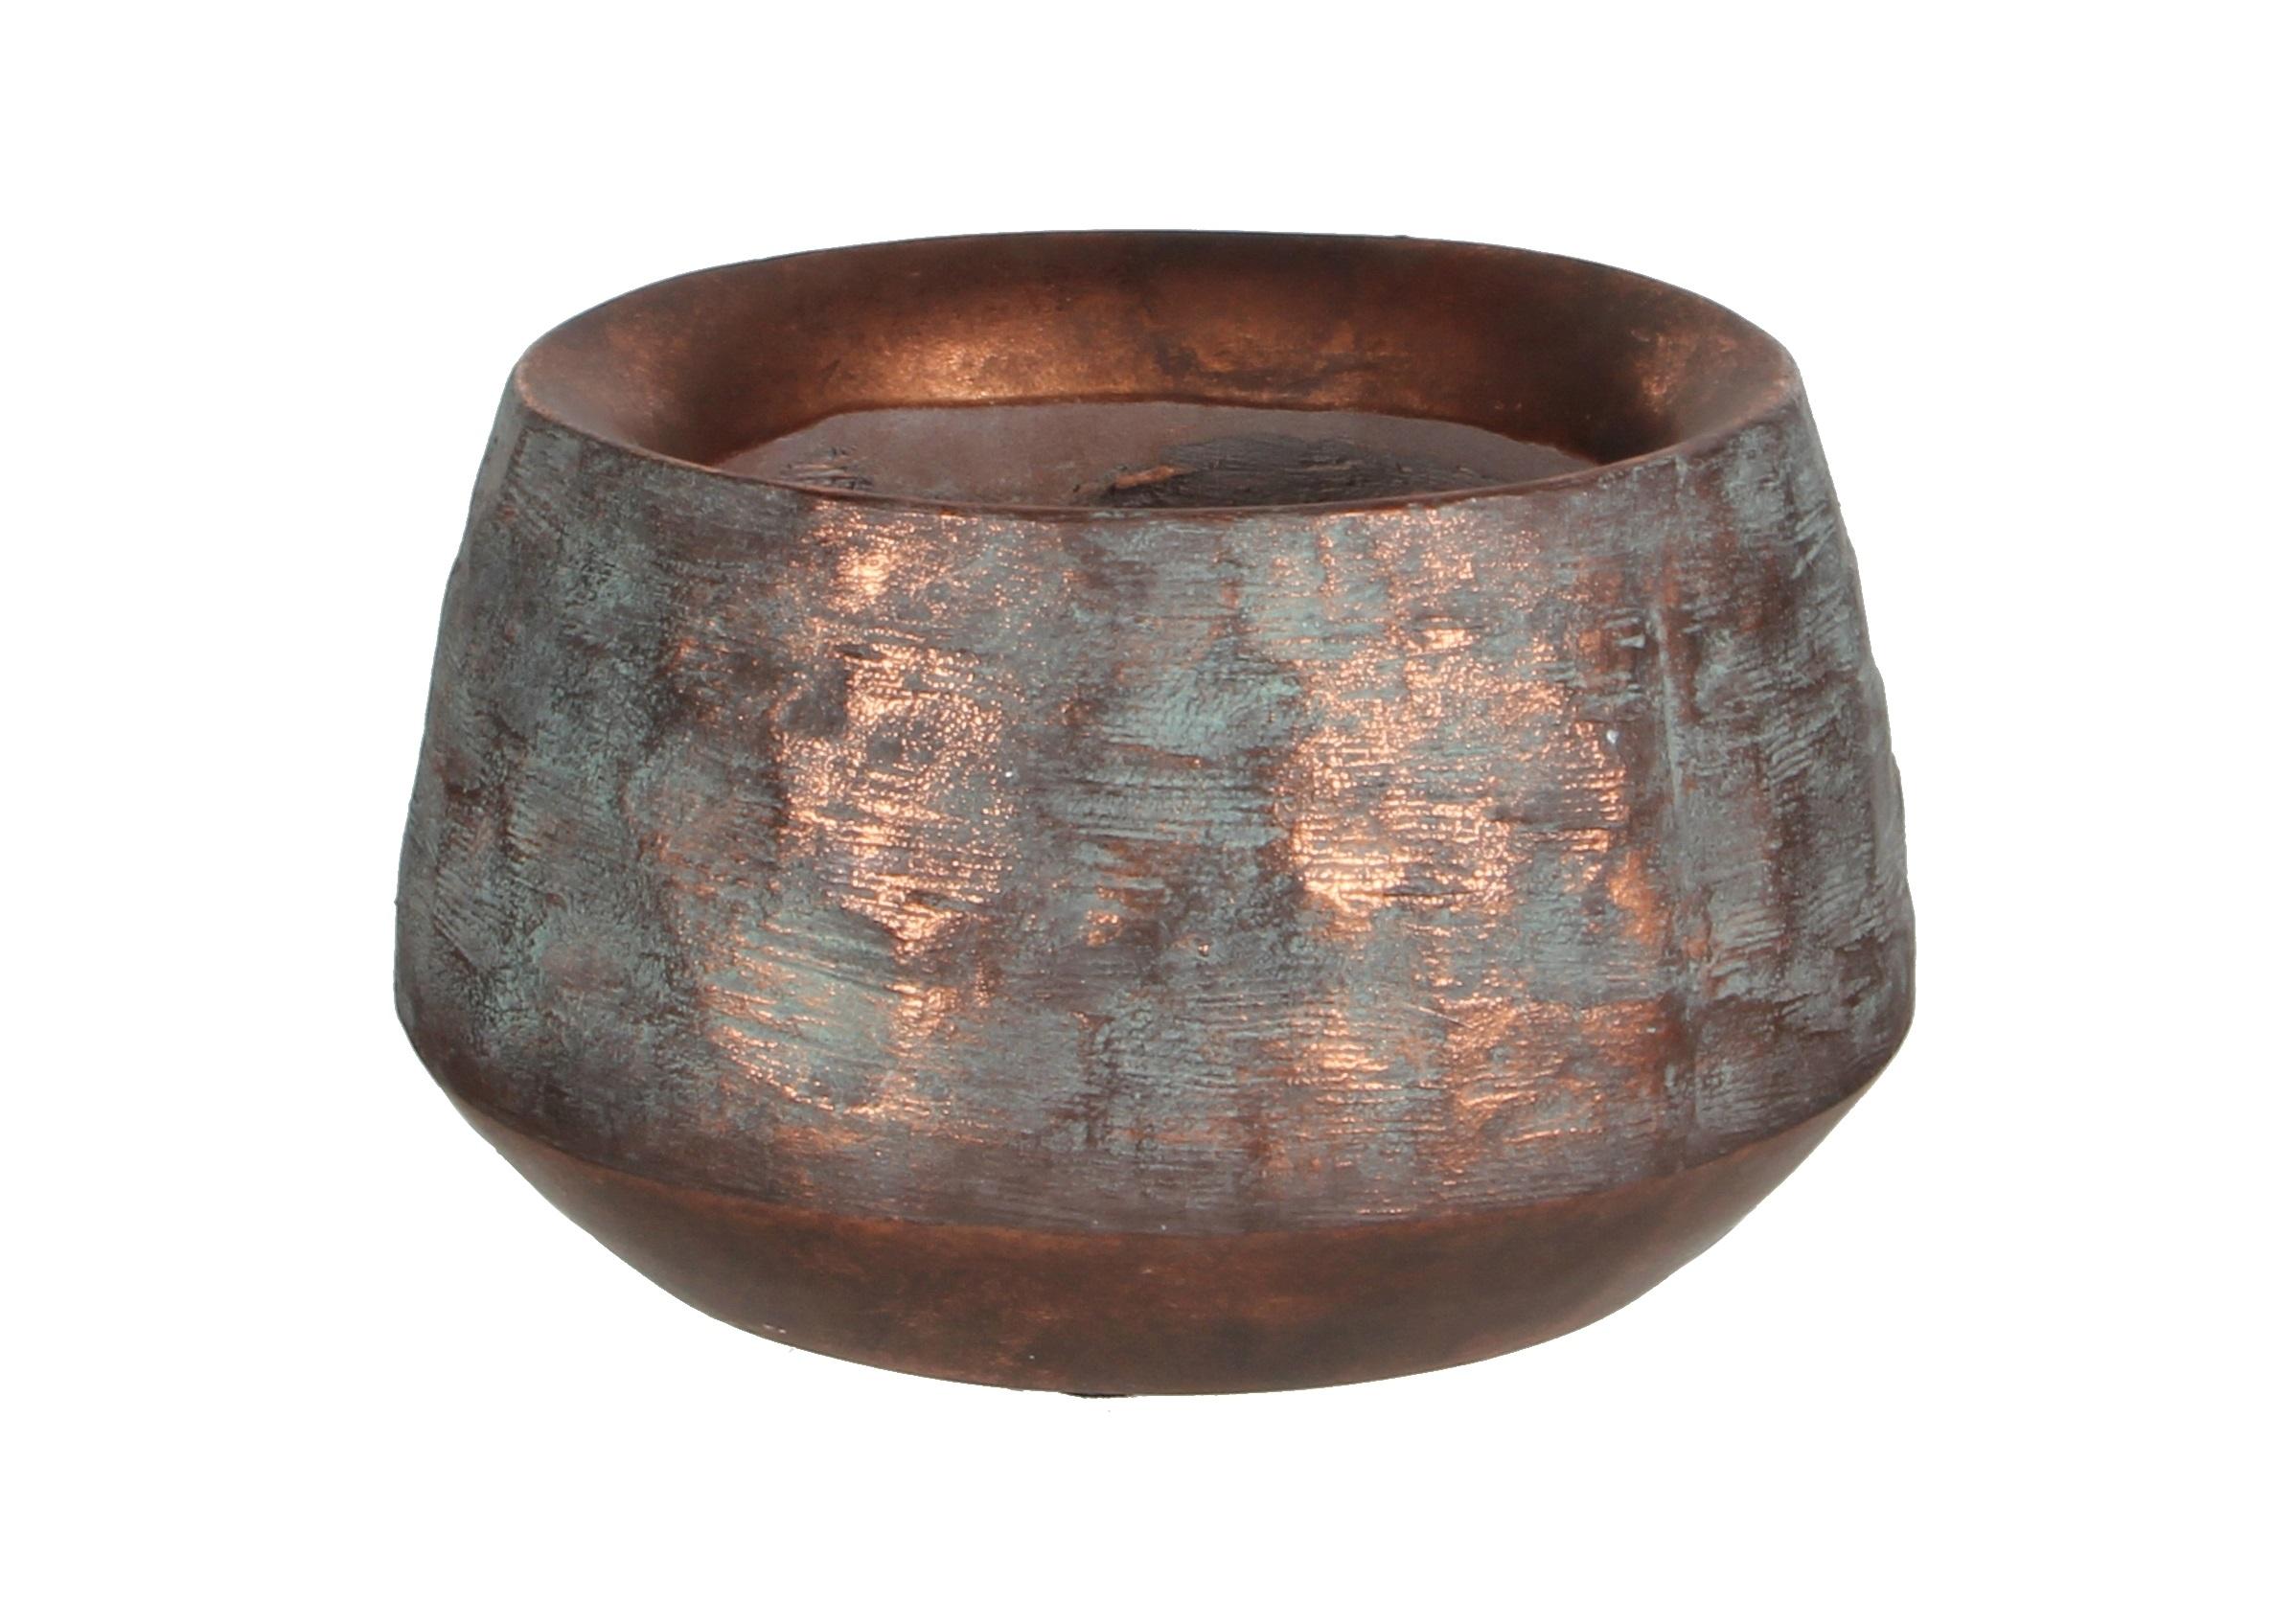 Кашпо BocaКашпо и аксессуары для цветов<br><br><br>Material: Керамика<br>Height см: 15<br>Diameter см: 25